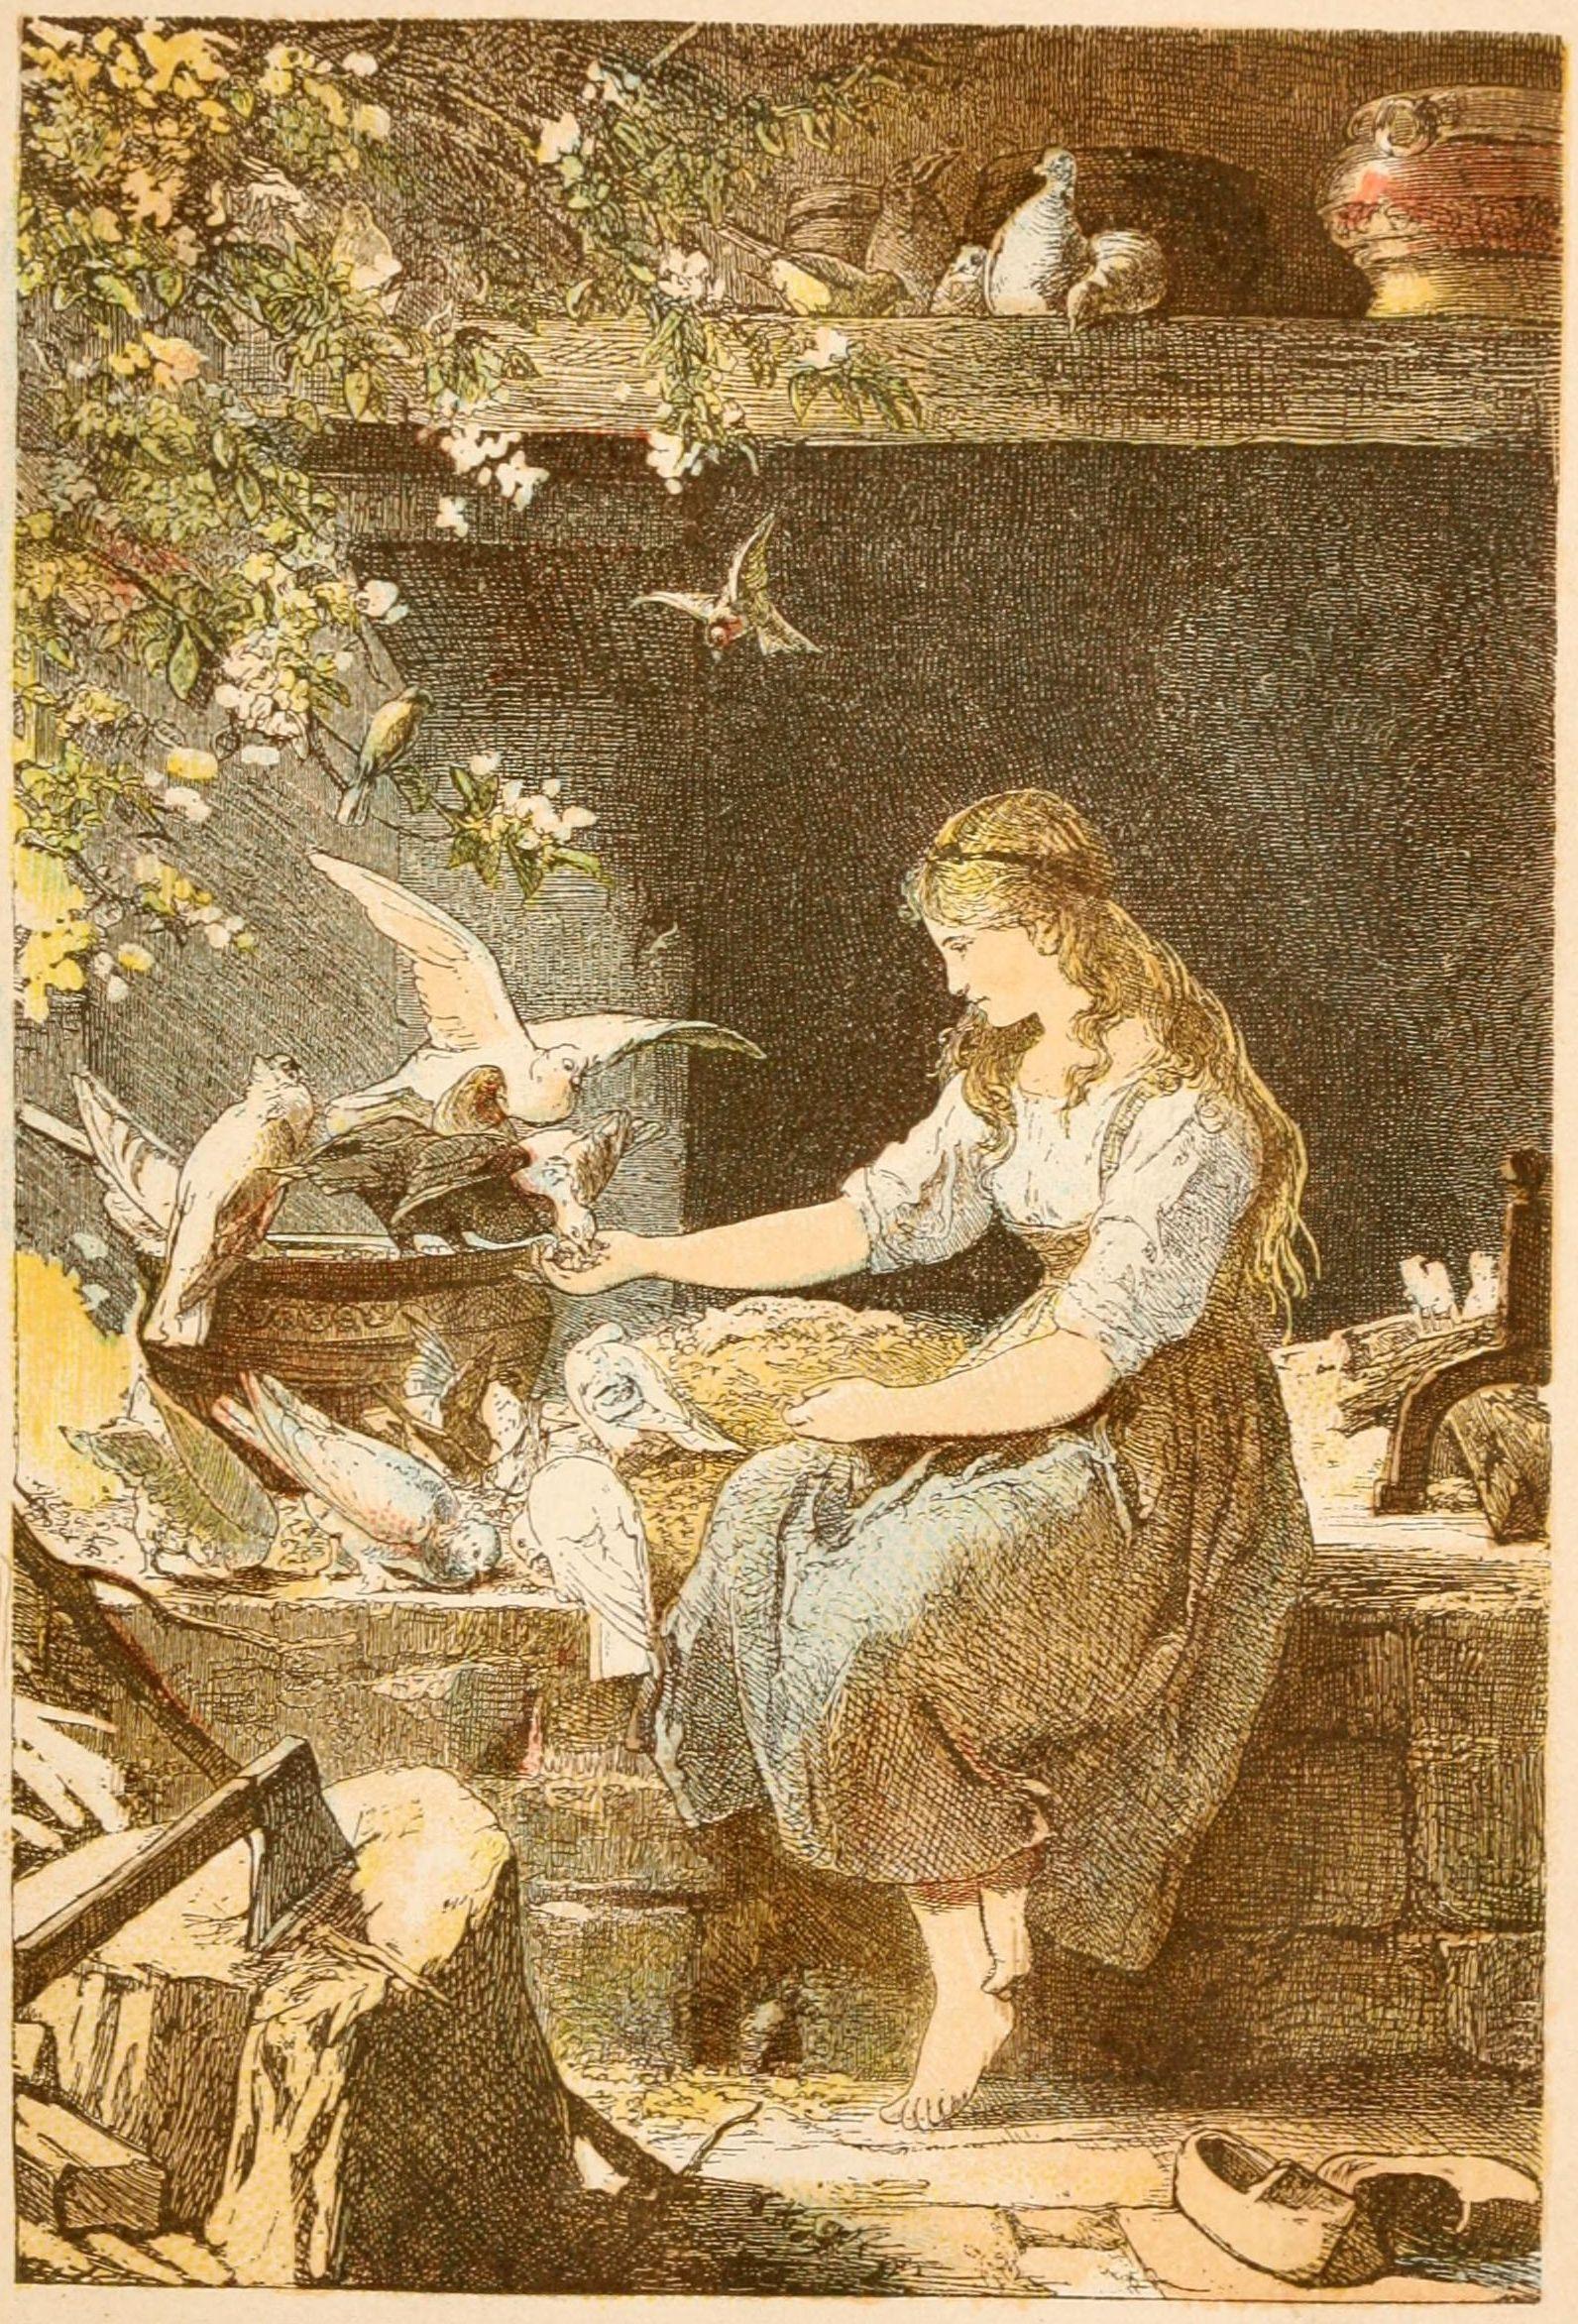 Cinderella - Aschenputtel Paul Menerheim Fairytale